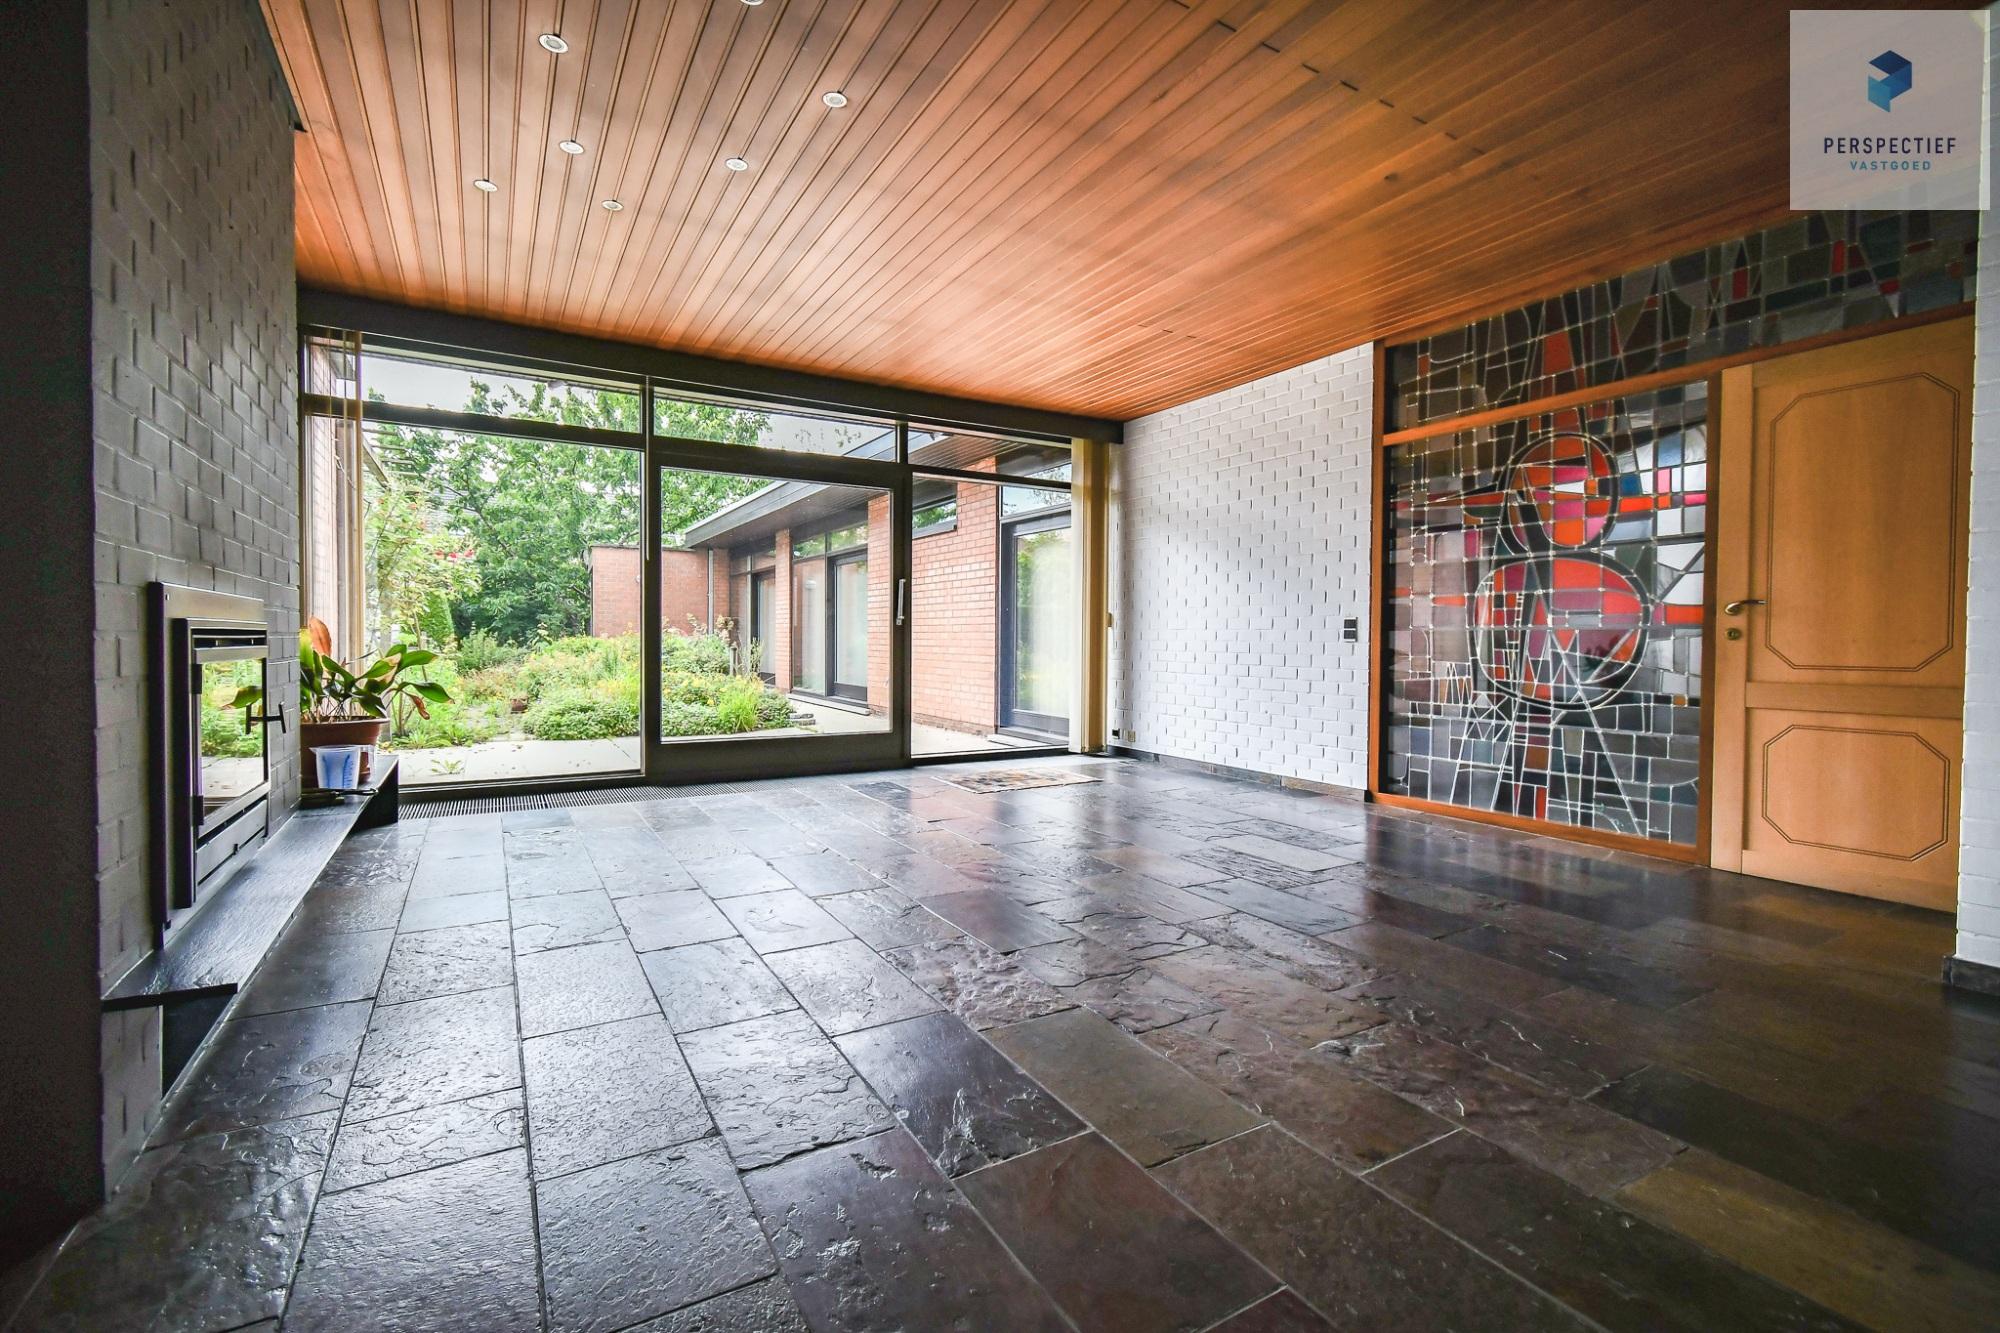 | IN OPTIE | Vrijstaandearchitecturale woningop eentoplocatie, ideaal voor een zelfstandigepraktijk! - 4